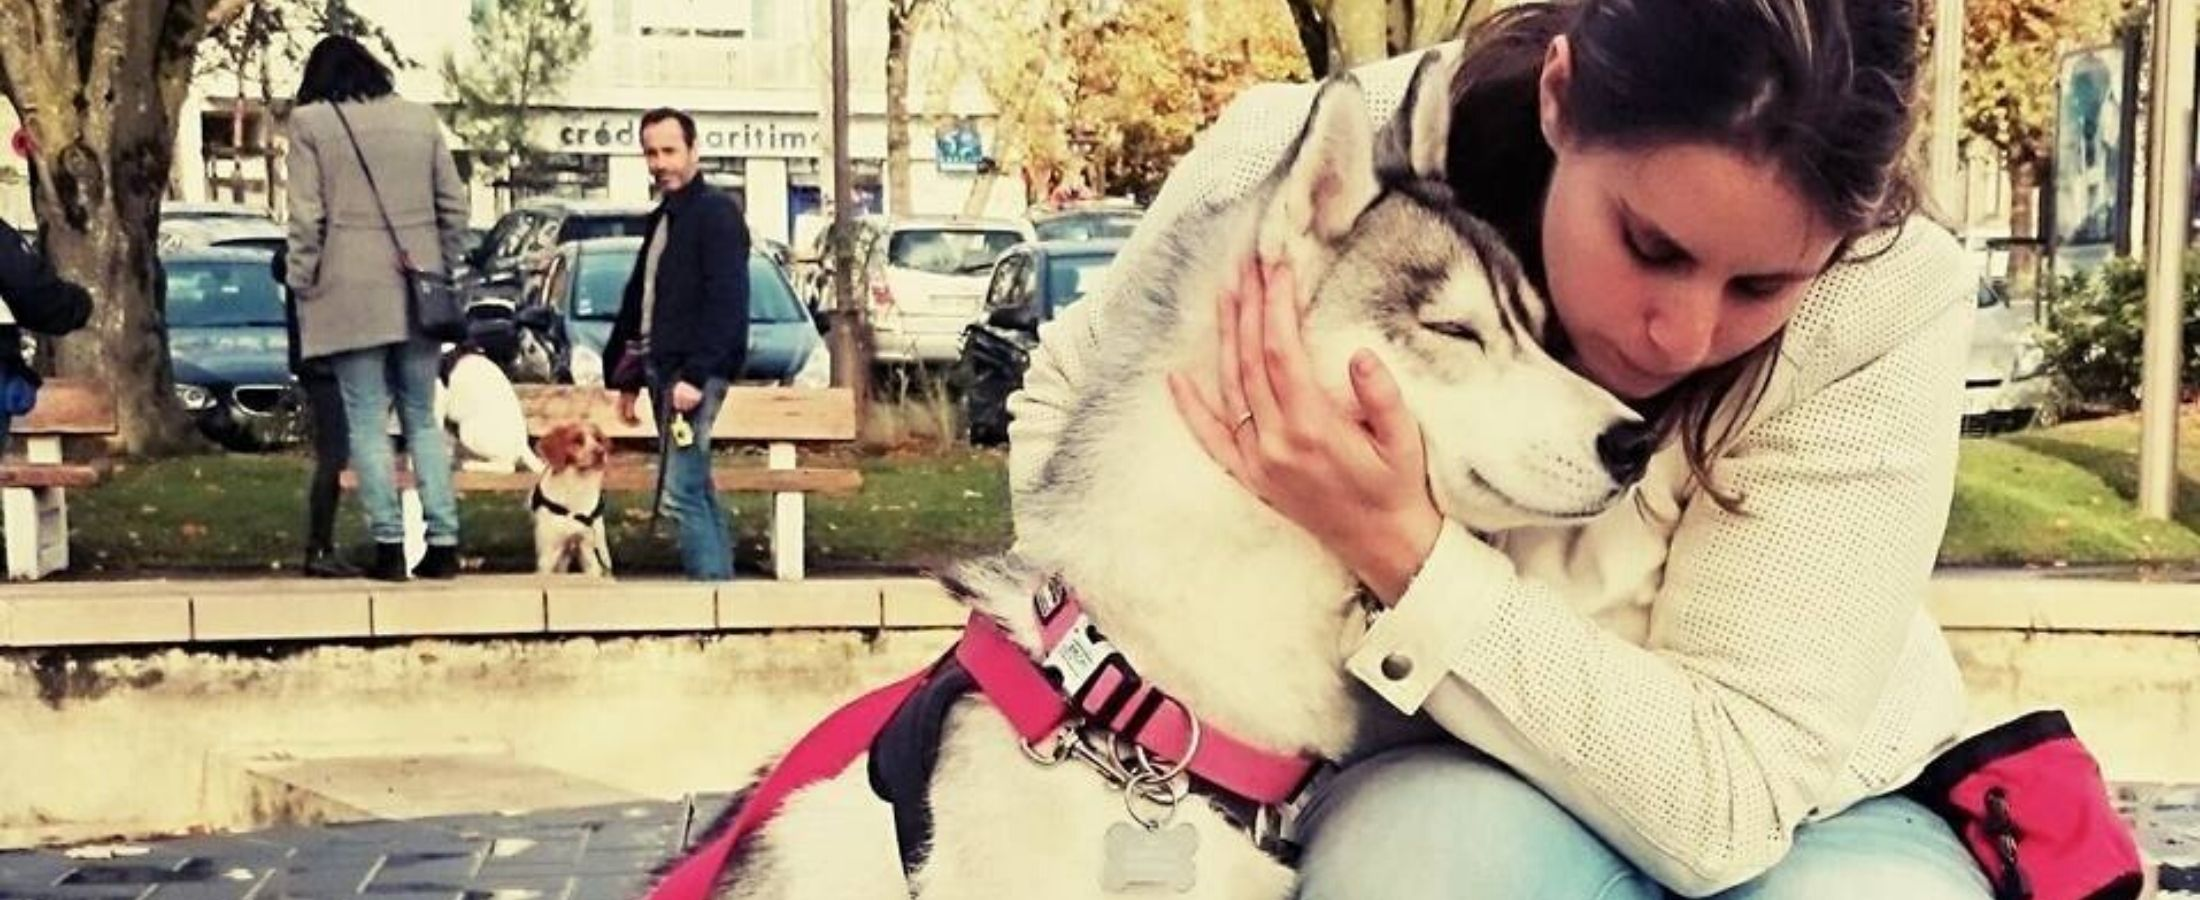 Comment bien choisir la personne qui va garder mon chien ?